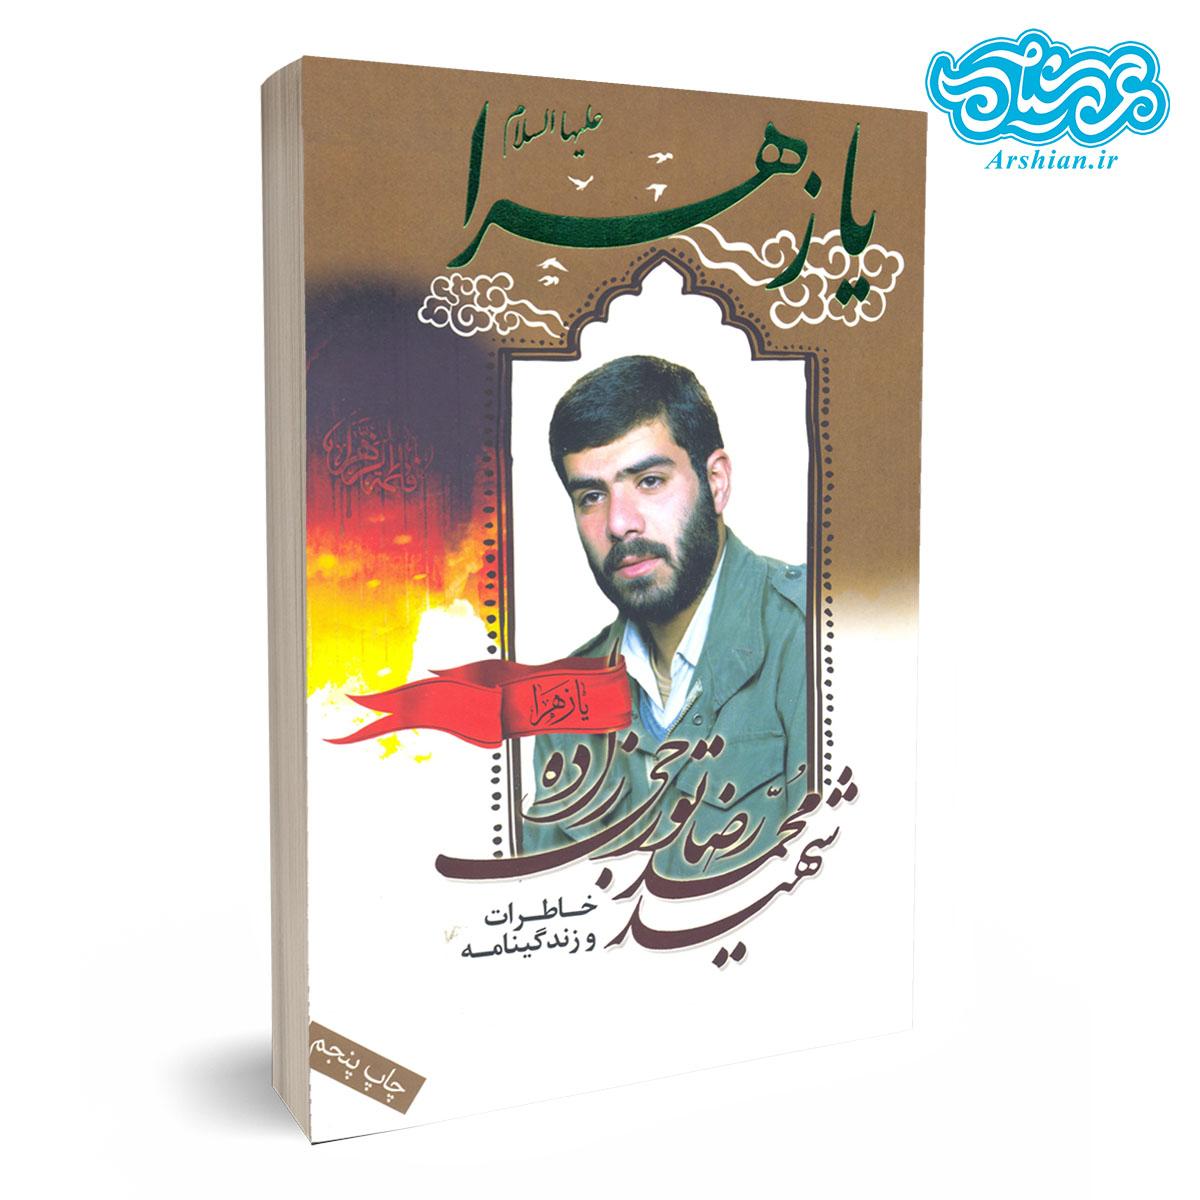 کتاب زندگینامه و خاطرات شهید محمد رضا تورجی زاده